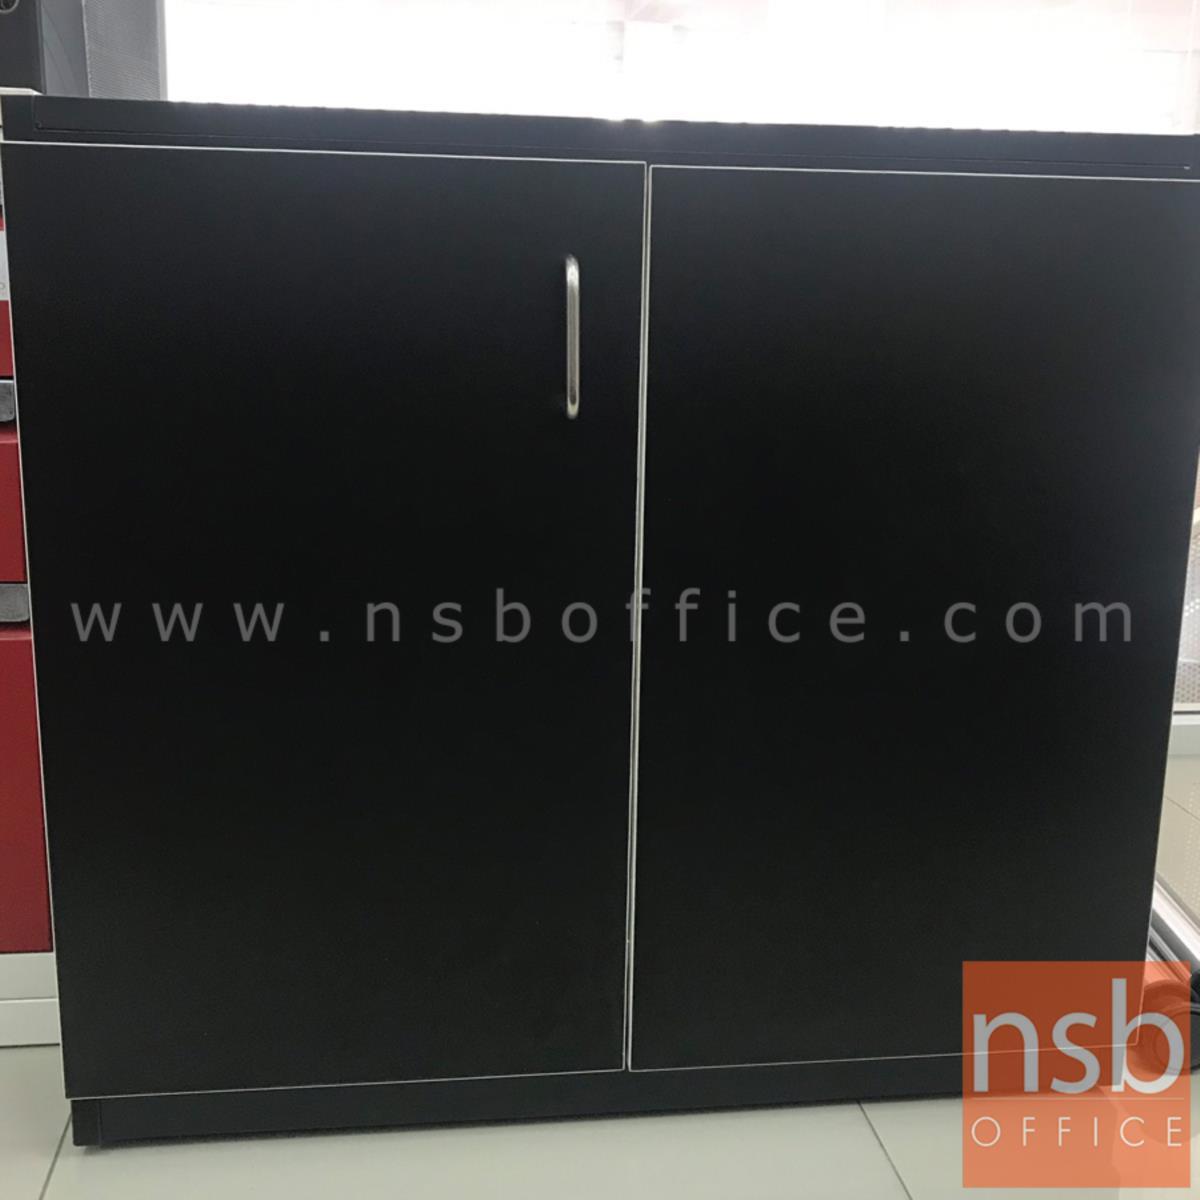 มือจับตู้ สเตนเลสทรงตัวยู รุ่น NSB-HAND3  (ขนาด 96 mm)